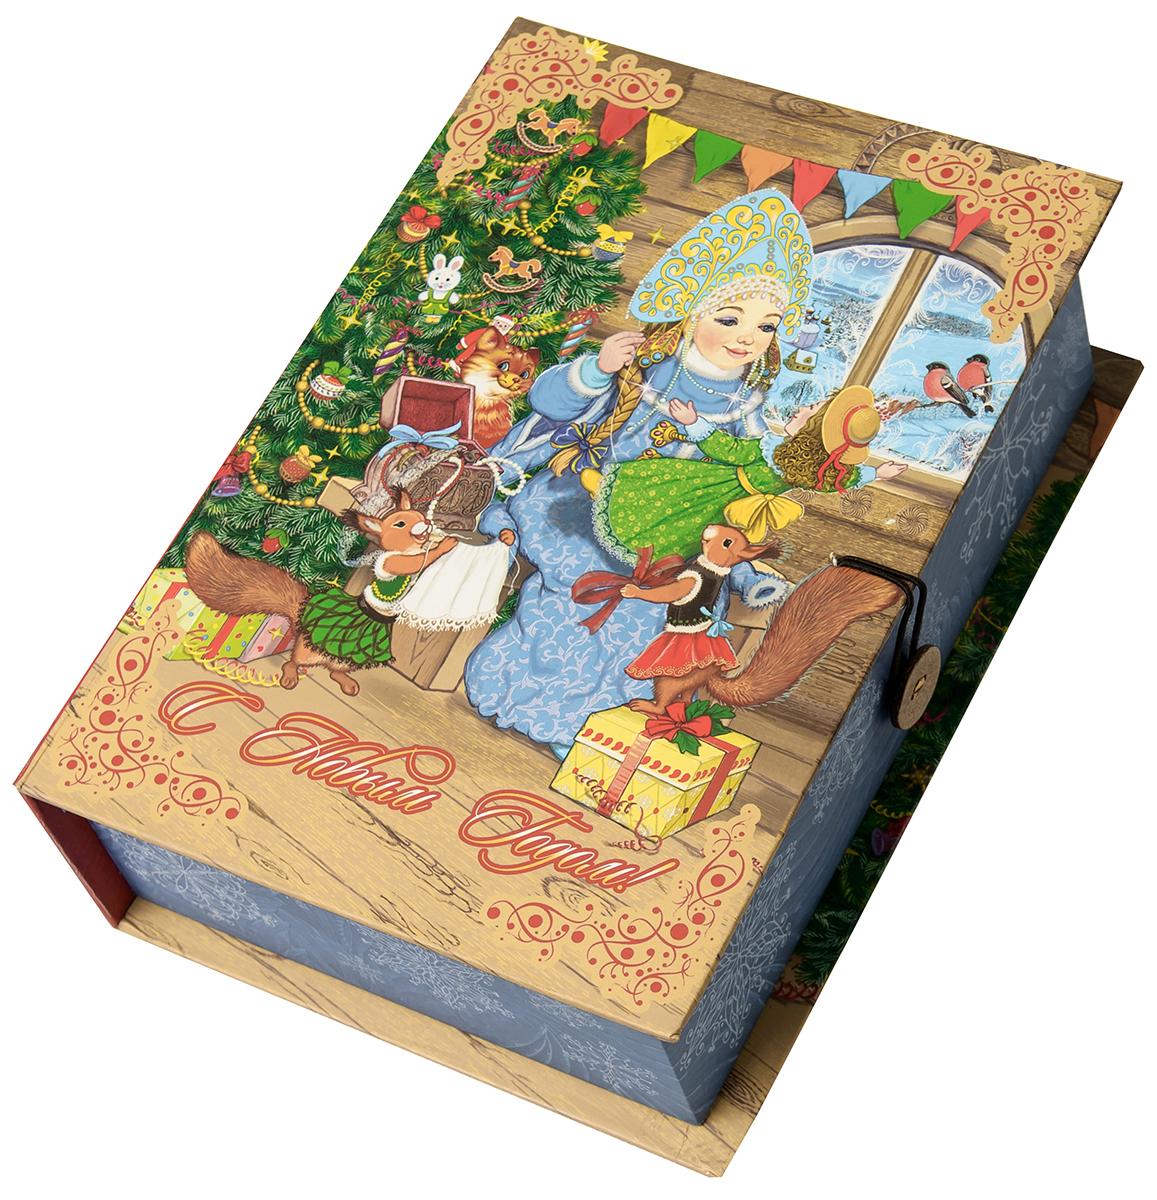 Коробка подарочная Magic Time Снегурка за работой, размер M. 7504975049Подарочная коробка Magic Time, выполненная из мелованного, ламинированного картона, закрывается на пуговицу. Крышка оформлена декоративным рисунком.Подарочная коробка - это наилучшее решение, если вы хотите порадовать ваших близких и создать праздничное настроение, ведь подарок, преподнесенный в оригинальной упаковке, всегда будет самым эффектным и запоминающимся. Окружите близких людей вниманием и заботой, вручив презент в нарядном, праздничном оформлении.Плотность картона: 1100 г/м2.